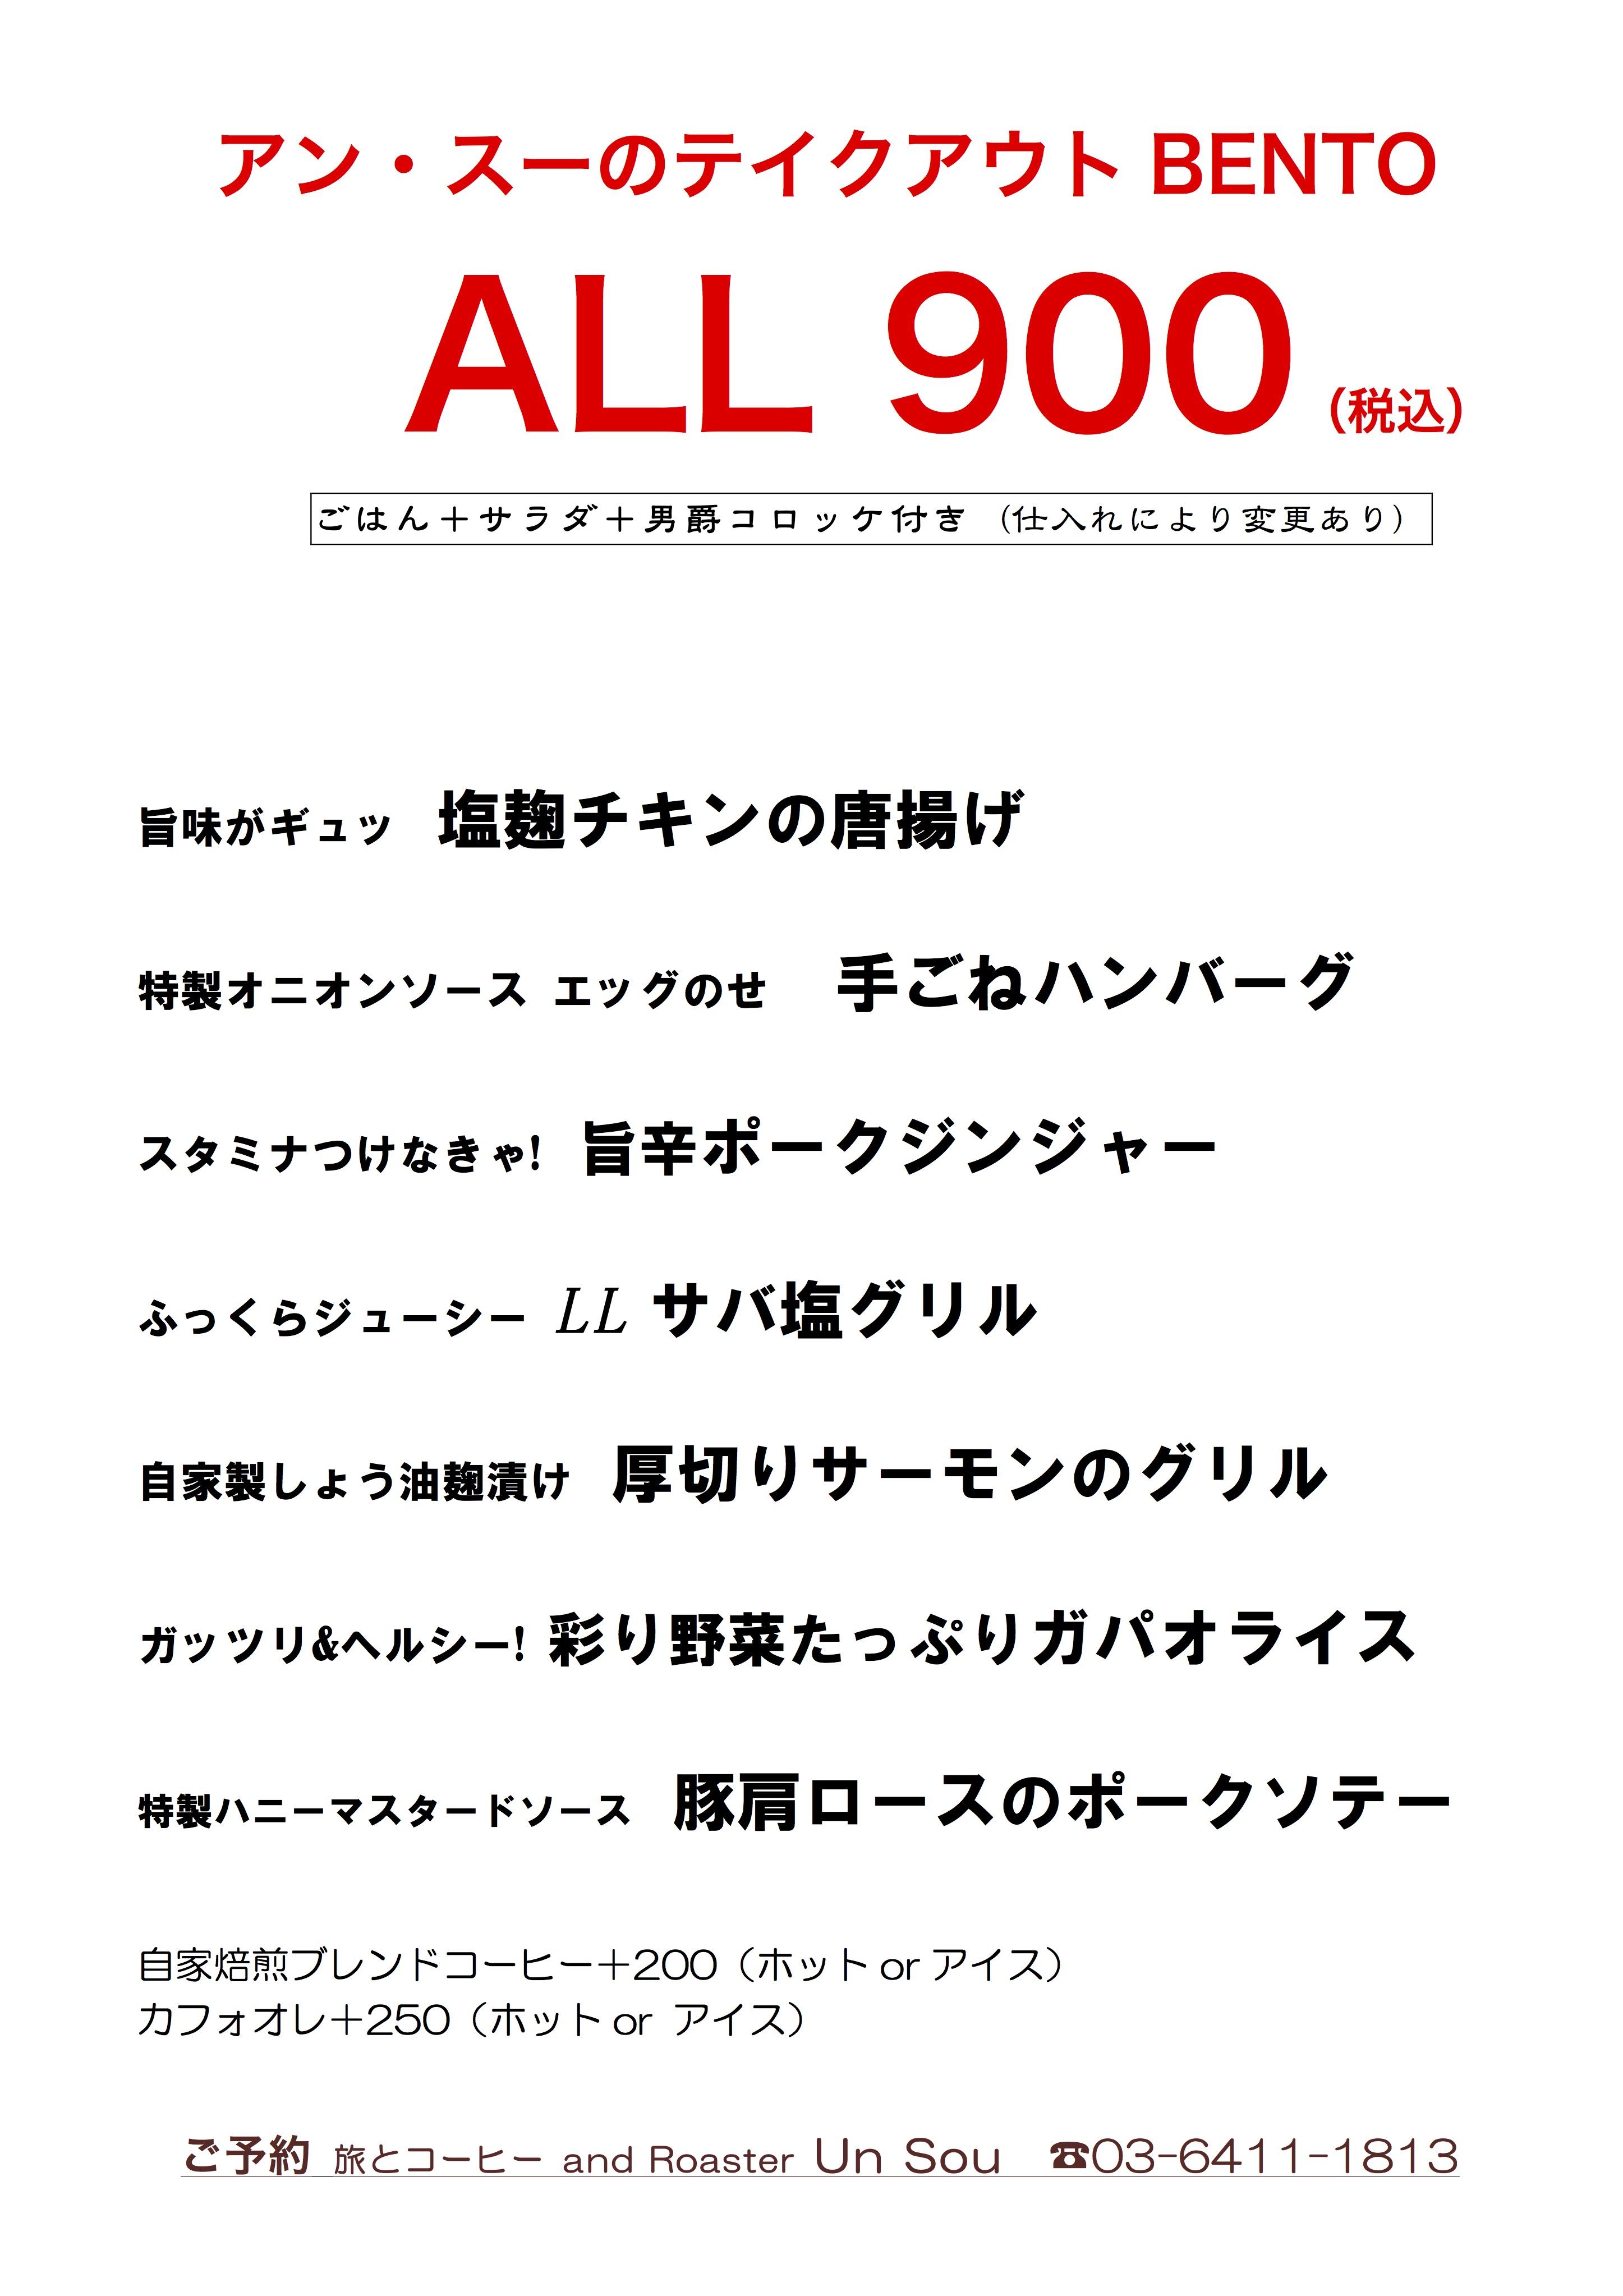 アン・スーのテイクアウトBENTO All900